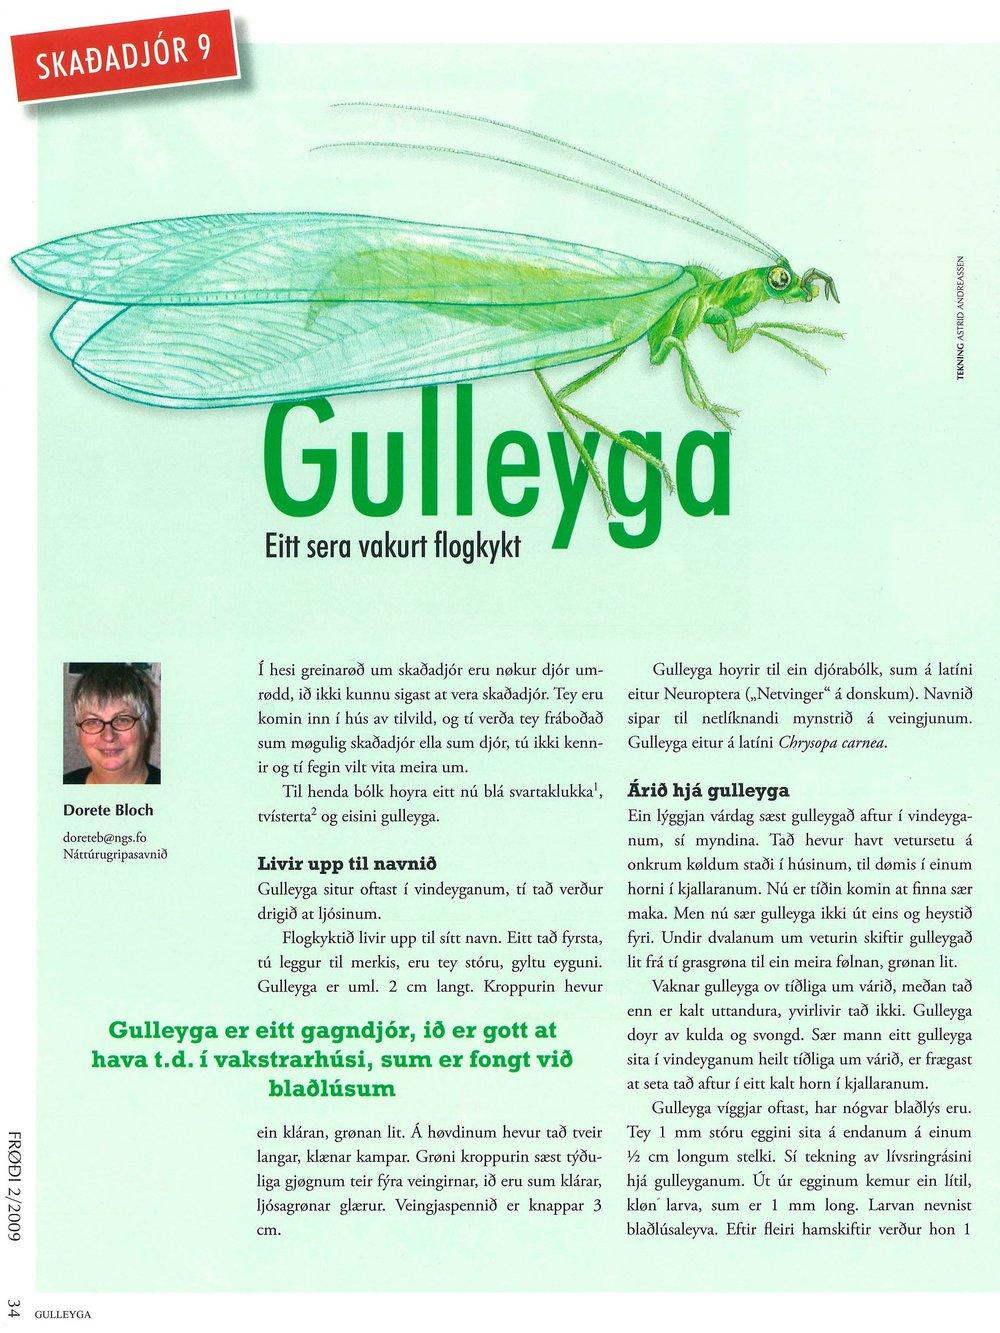 Gulleyga_Side_1.jpg